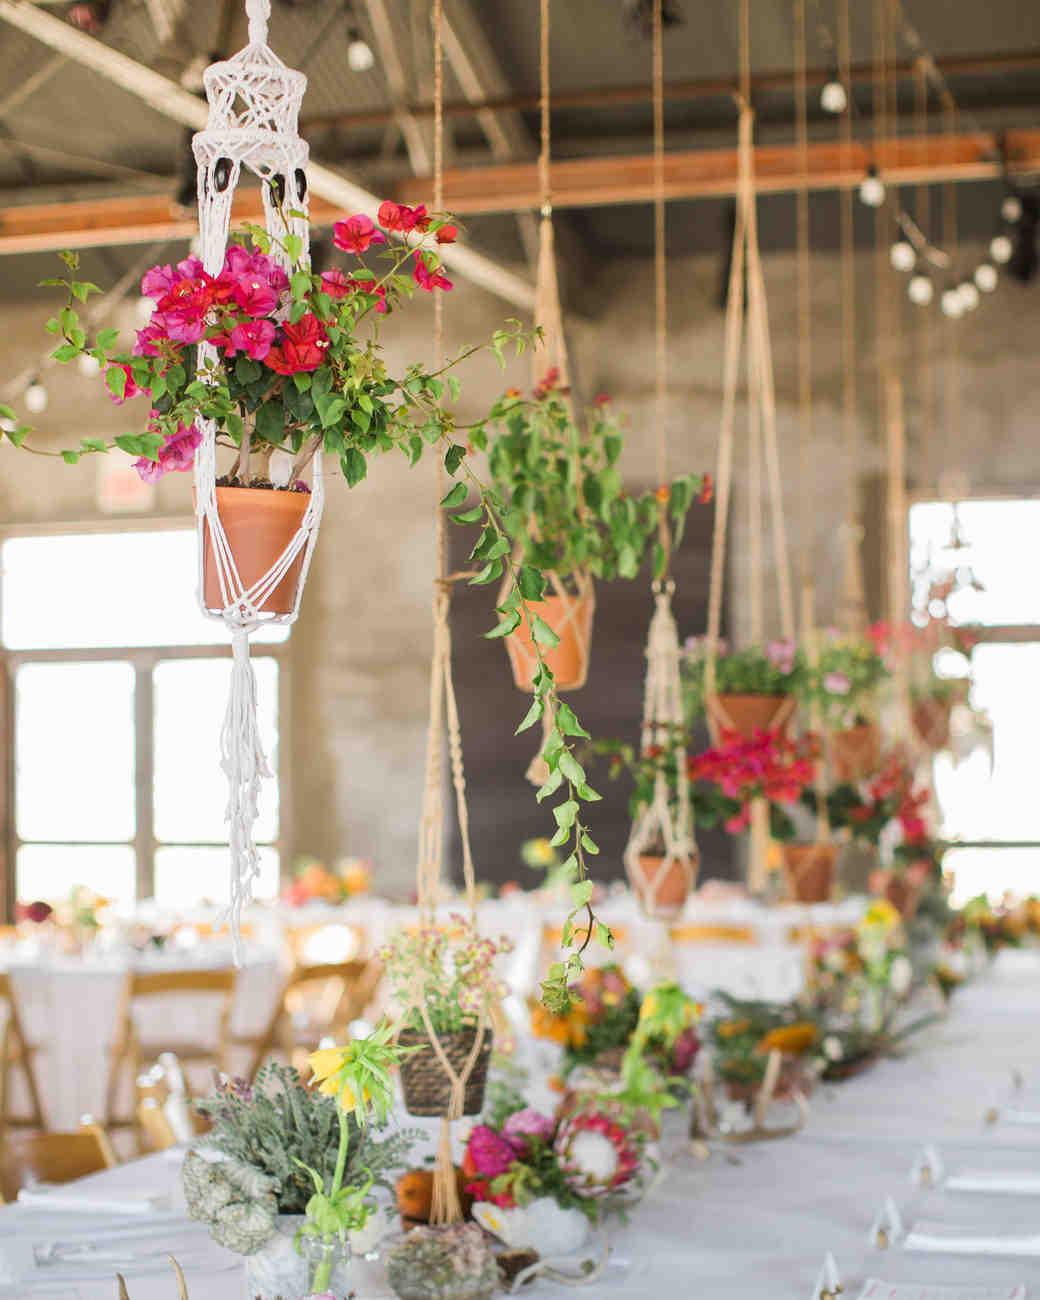 40 of our favorite floral wedding centerpieces martha stewart weddings rh marthastewartweddings com wedding table centerpieces silk flowers wedding table centerpieces no flowers